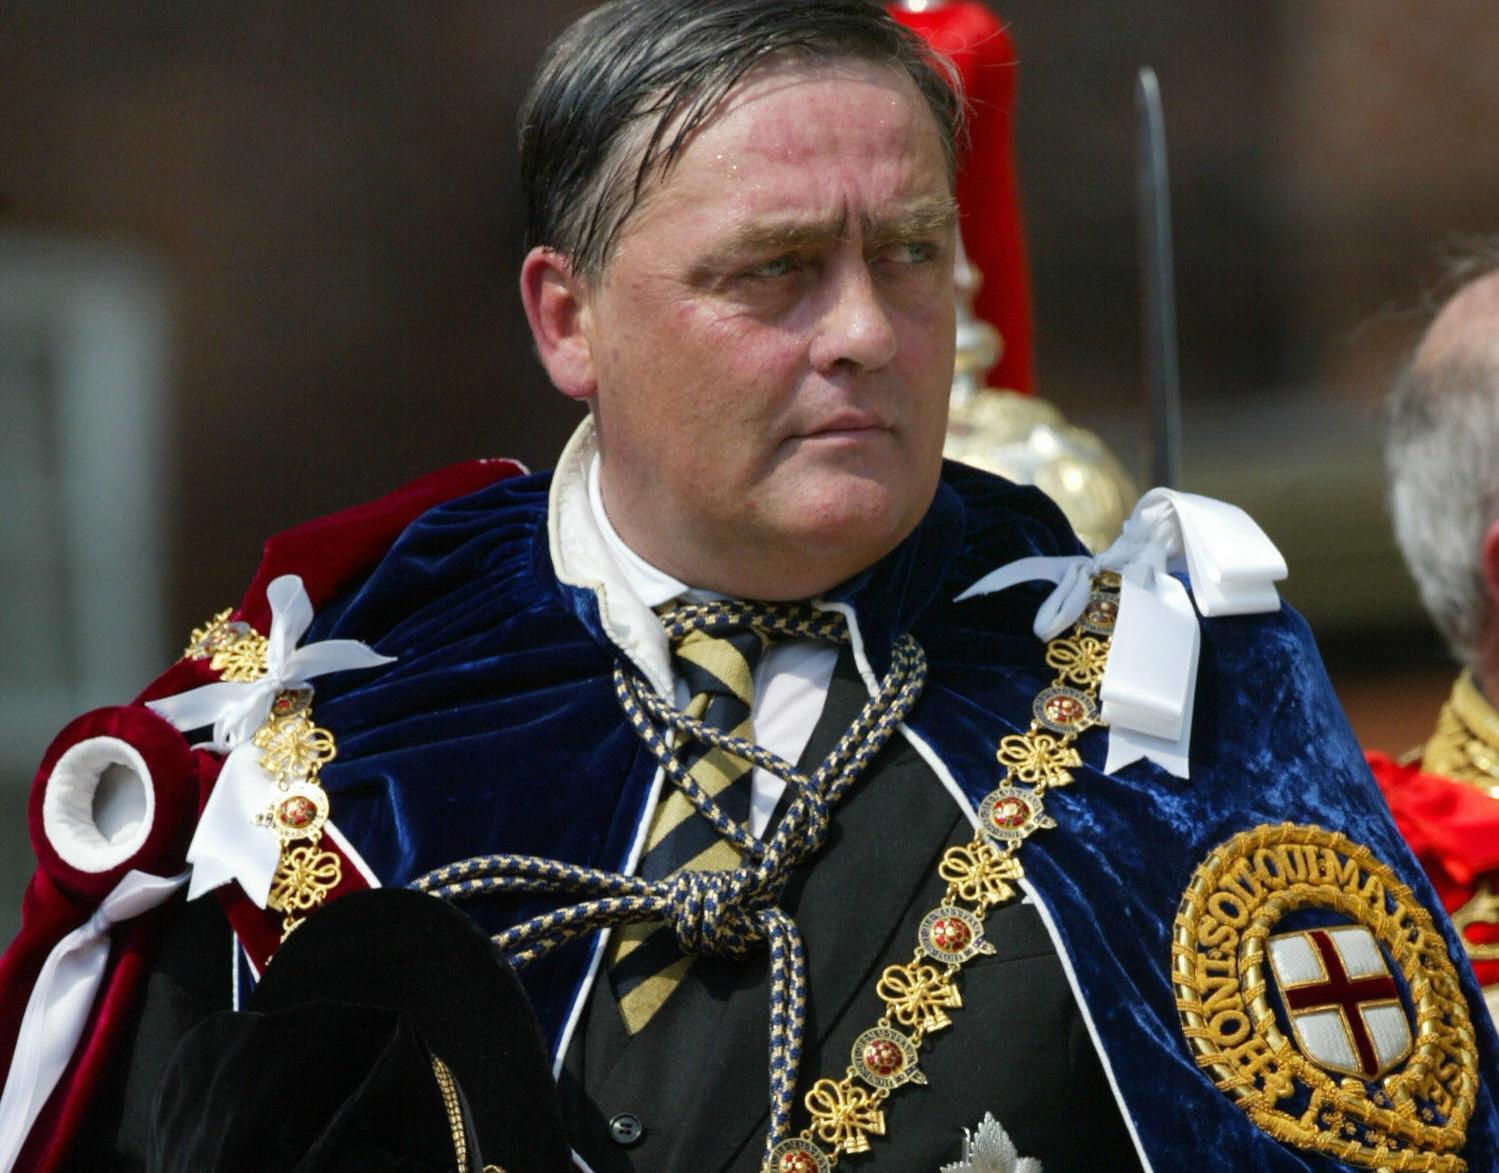 Gerald Cavendish Grosvenor duke westminster